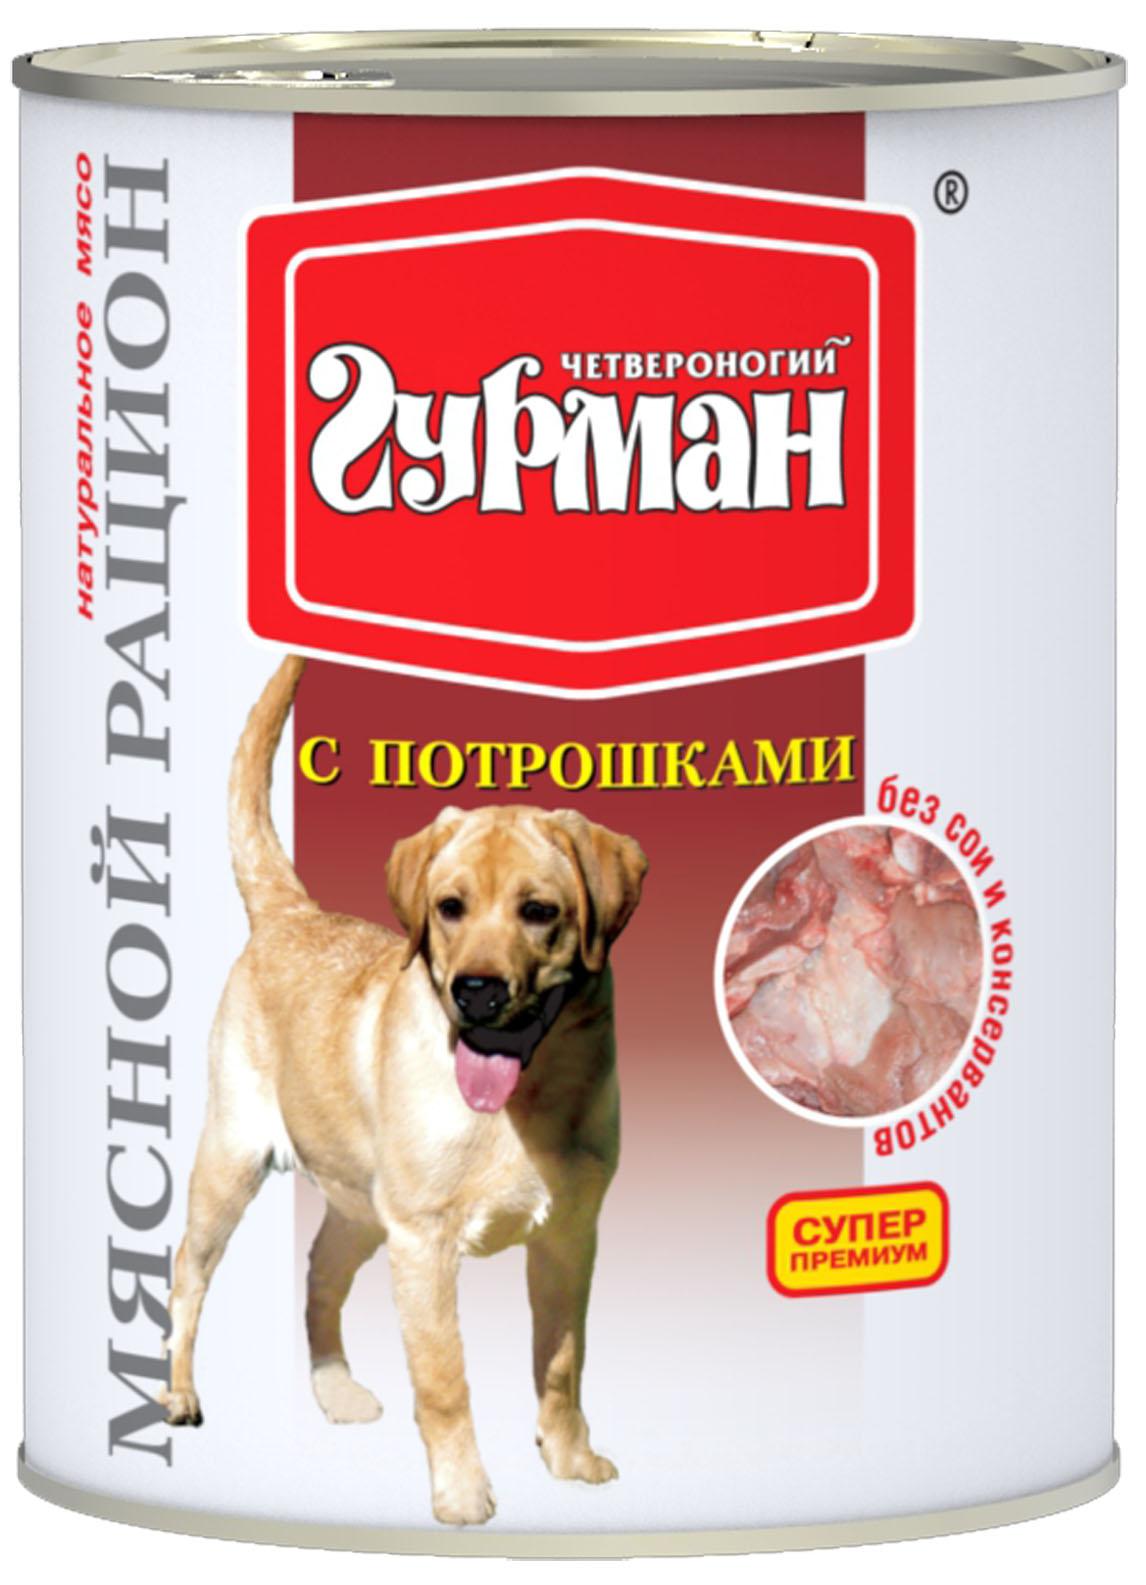 Консервы для собак Четвероногий Гурман Мясной рацион, с потрошками, 850 г11908Консервы Четвероногий Гурман Мясной рацион - влажные мясные консервы суперпремиум класса для собак. Изготовлены из мяса и субпродуктов, дополнительно содержат желирующую добавку, растительное масло и незначительное количество соли. Корм отличается крупной степенью измельченности, что повышает его привлекательность для собак крупных пород. Корм производится по новейшей технологии на современном оборудовании, что позволяет строго следить за его качеством. Специальная щадящая технология обработки компонентов позволяет сохранить максимальное количество витаминов, микроэлементов и питательных веществ, необходимых любой собаке. Корм производится из высококачественного натурального мяса, без добавления сои, ароматизаторов и красителей, имеет отличный вкус и привлекательный аромат. Такие консервы вы можете давать собаке как отдельно, так и смешивая их с кашей или овощами. Консервы Четвероногий Гурман Мясной рацион - прекрасное и вкусное дополнение к...